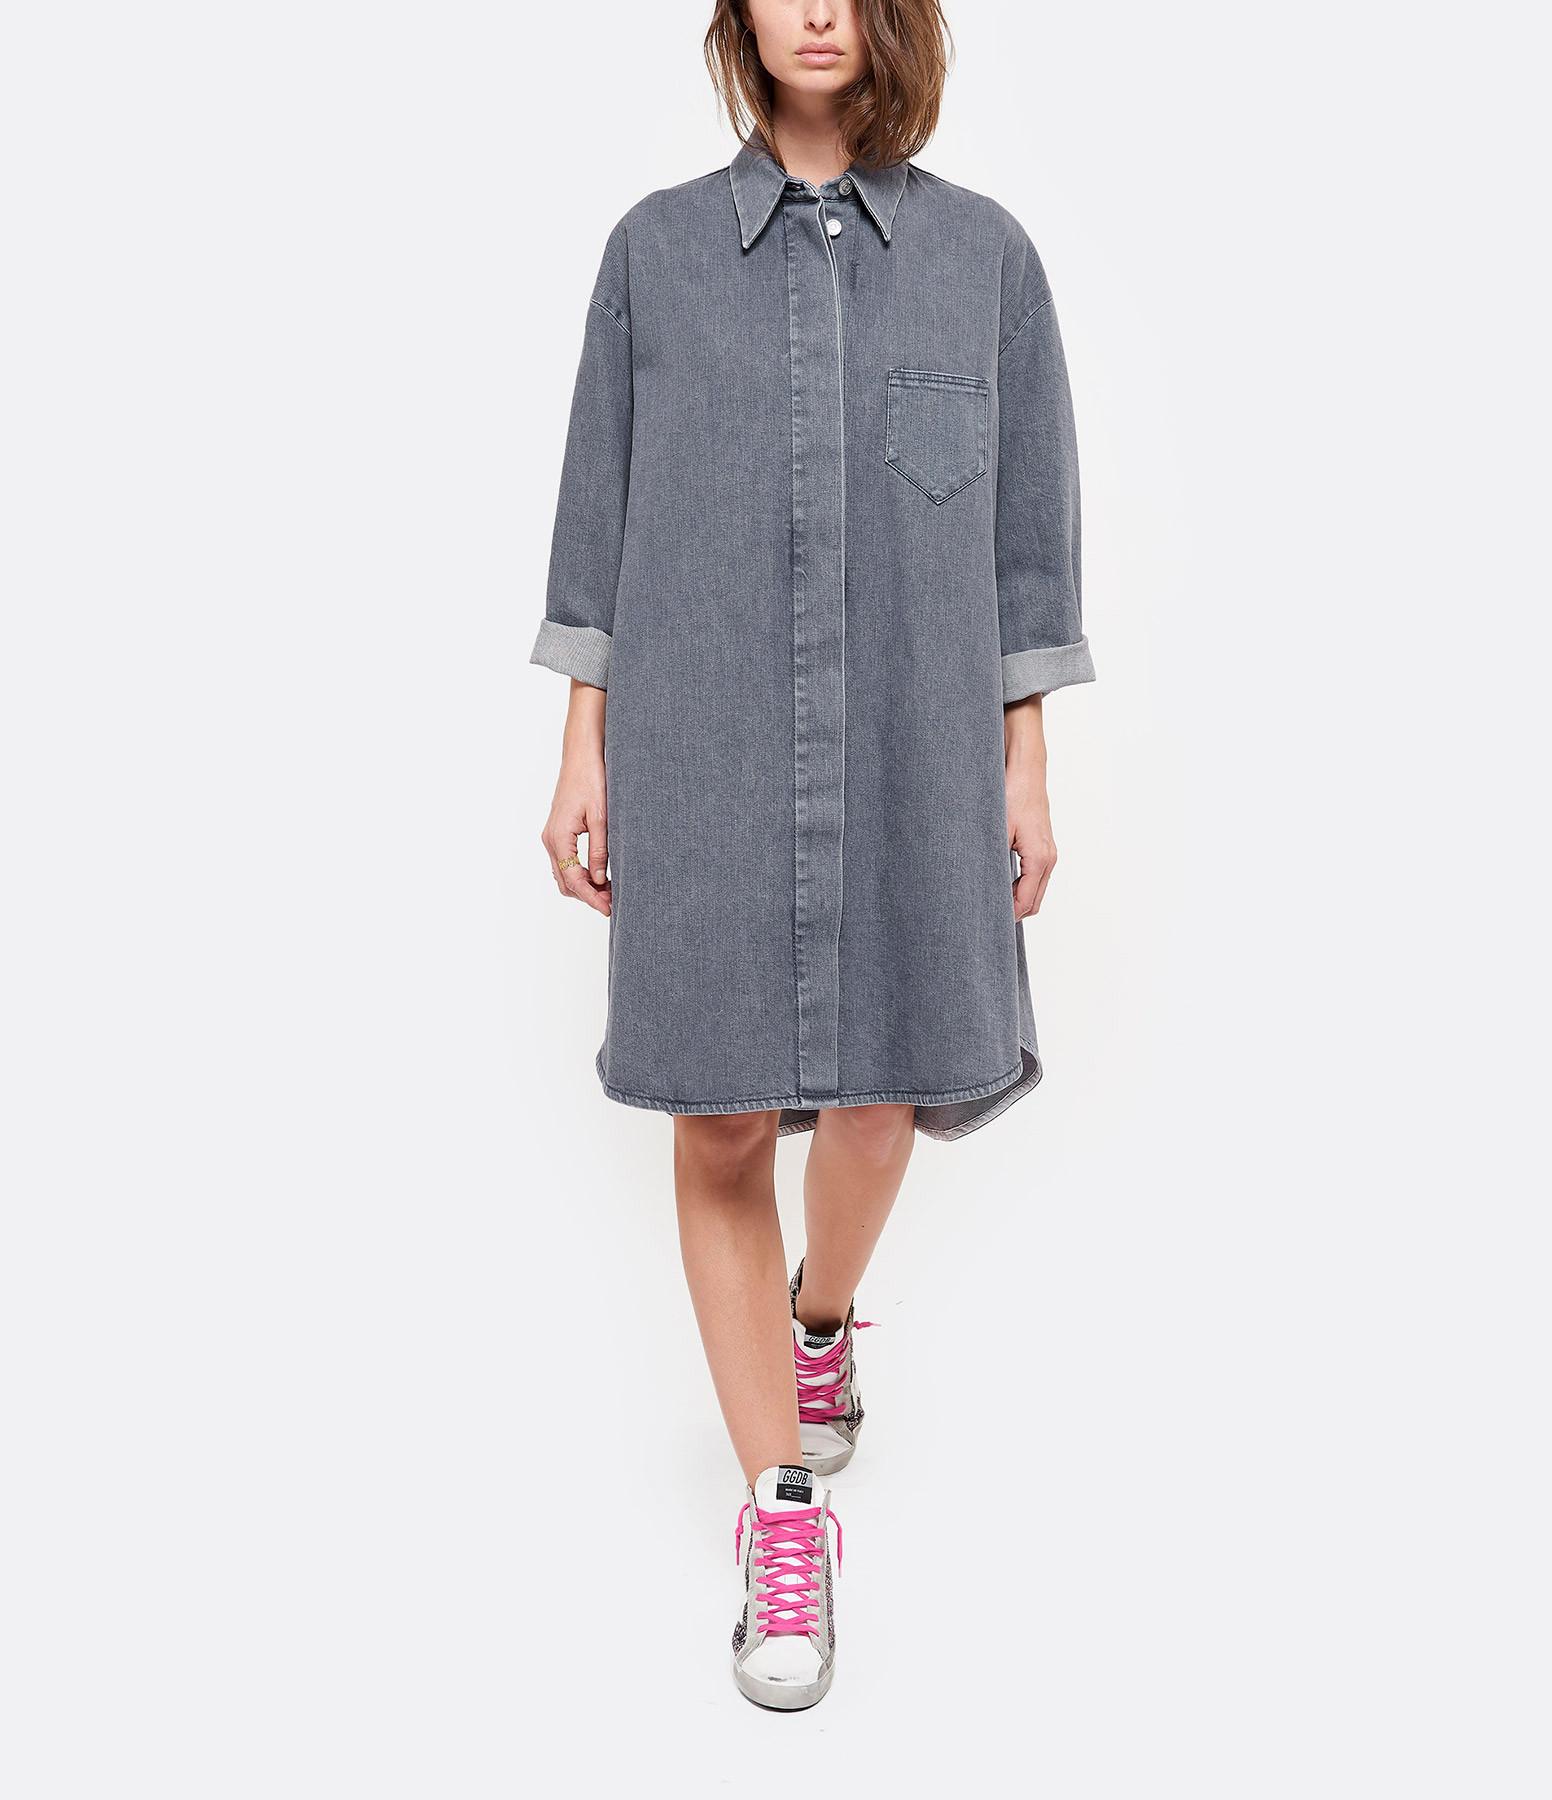 MM6 MAISON MARGIELA - Robe Chemise Coton Bleu Encre